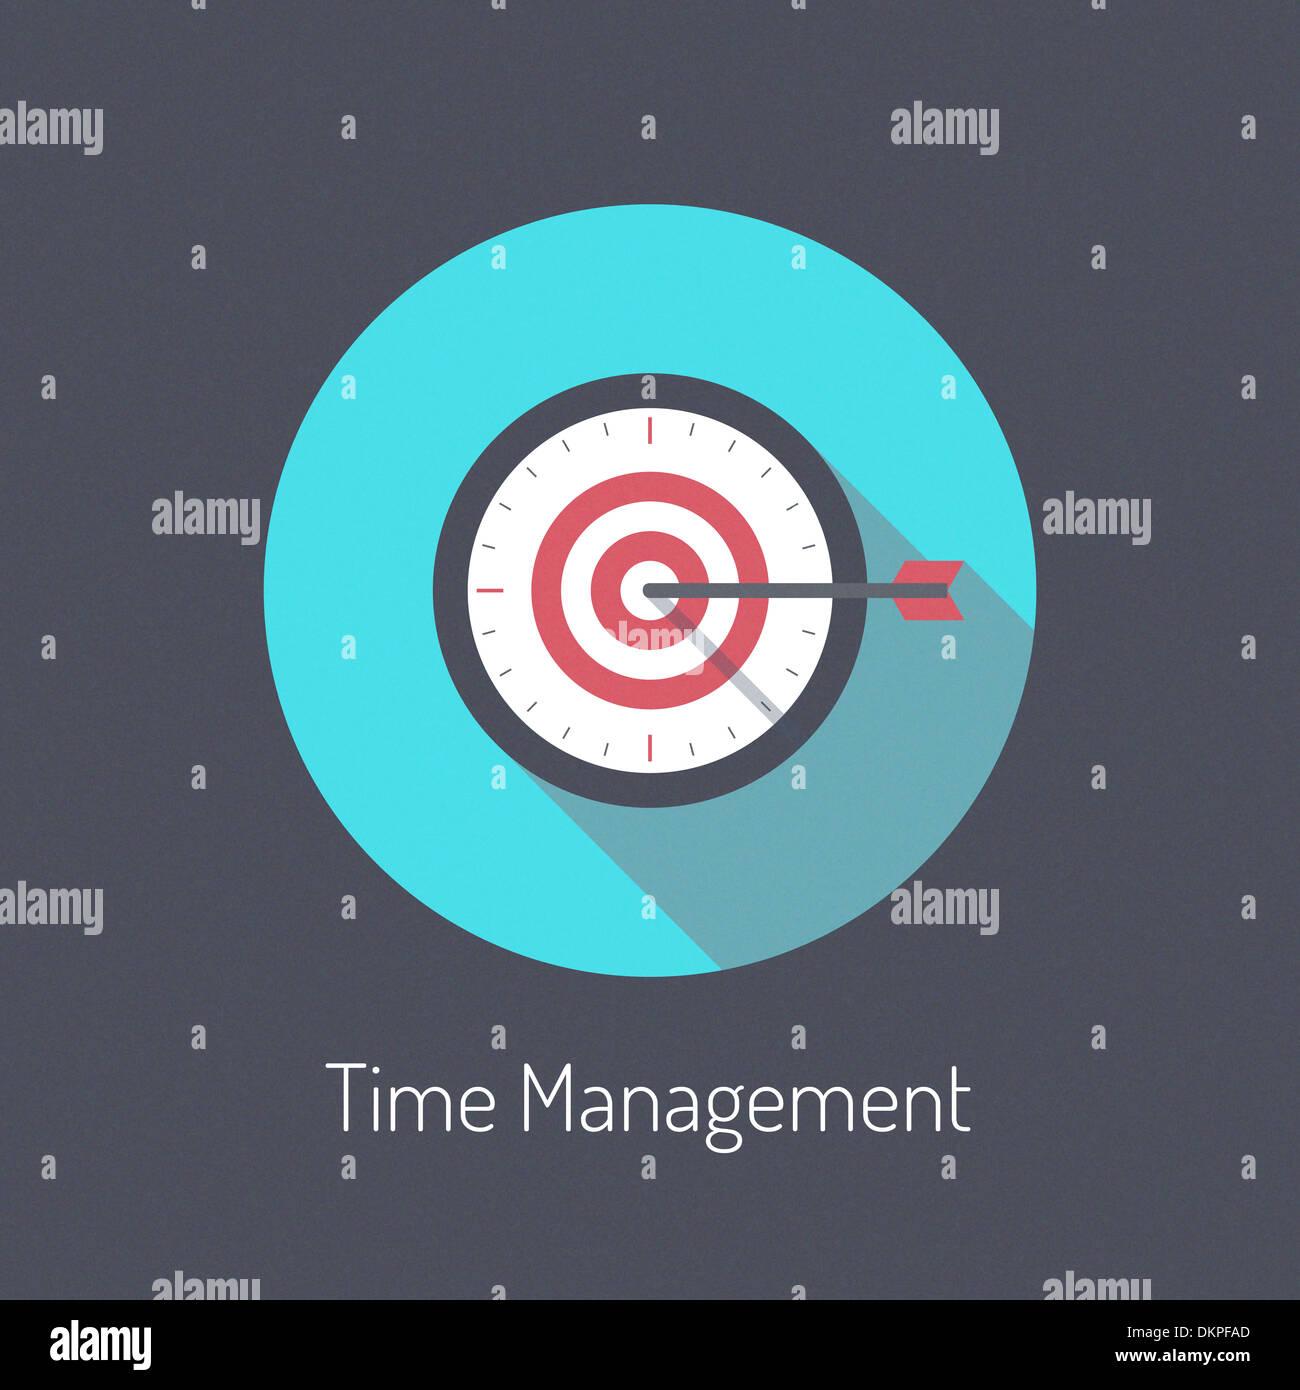 Diseño plano ILUSTRACIÓN MODERNA poster concepto de proceso de planificación y gestión del tiempo Imagen De Stock